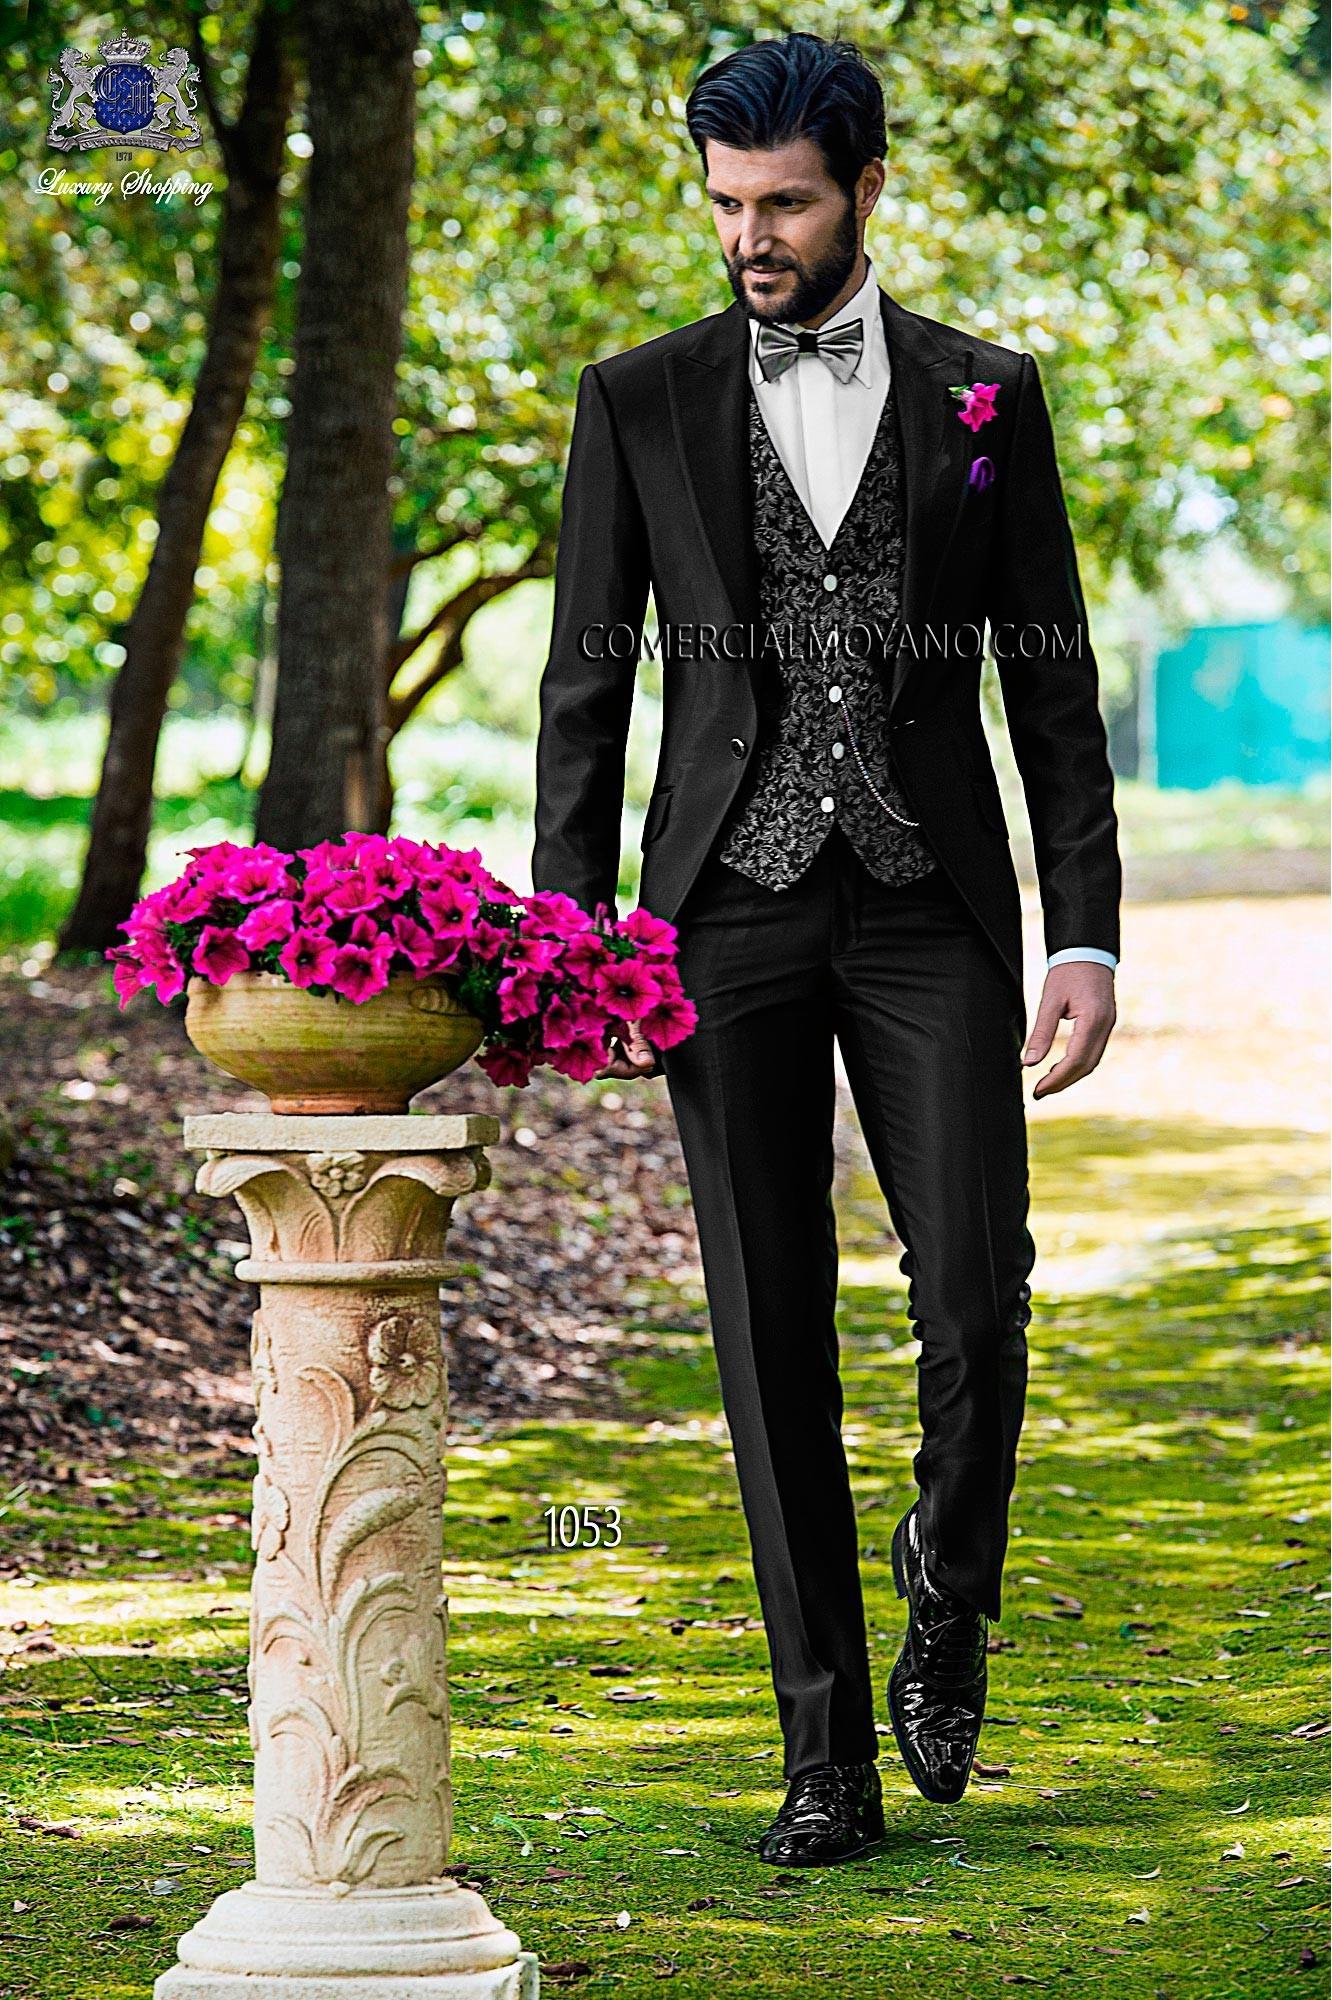 Fashion black men wedding suit model 1053 Ottavio Nuccio Gala